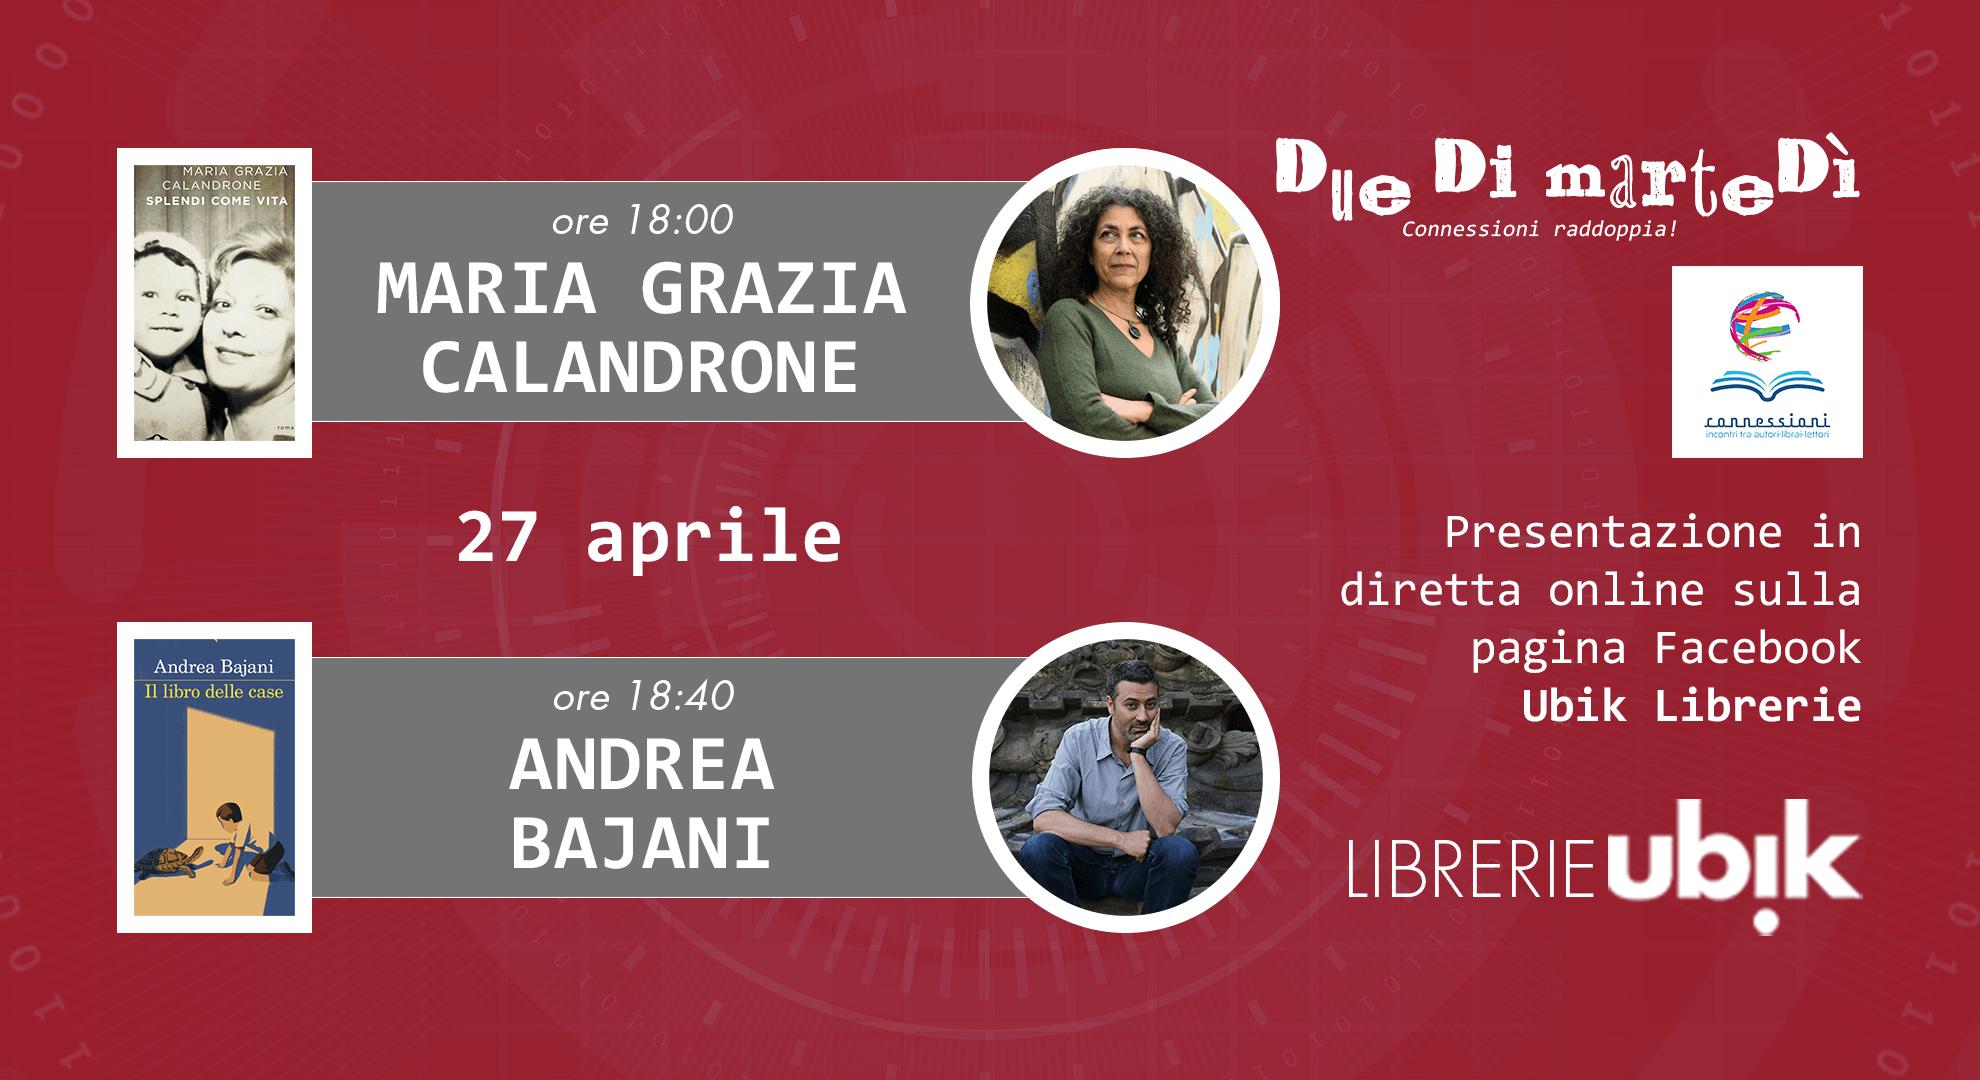 MARIA GRAZIA CALANDRONE e ANDREA BAJANI presentano in diretta online